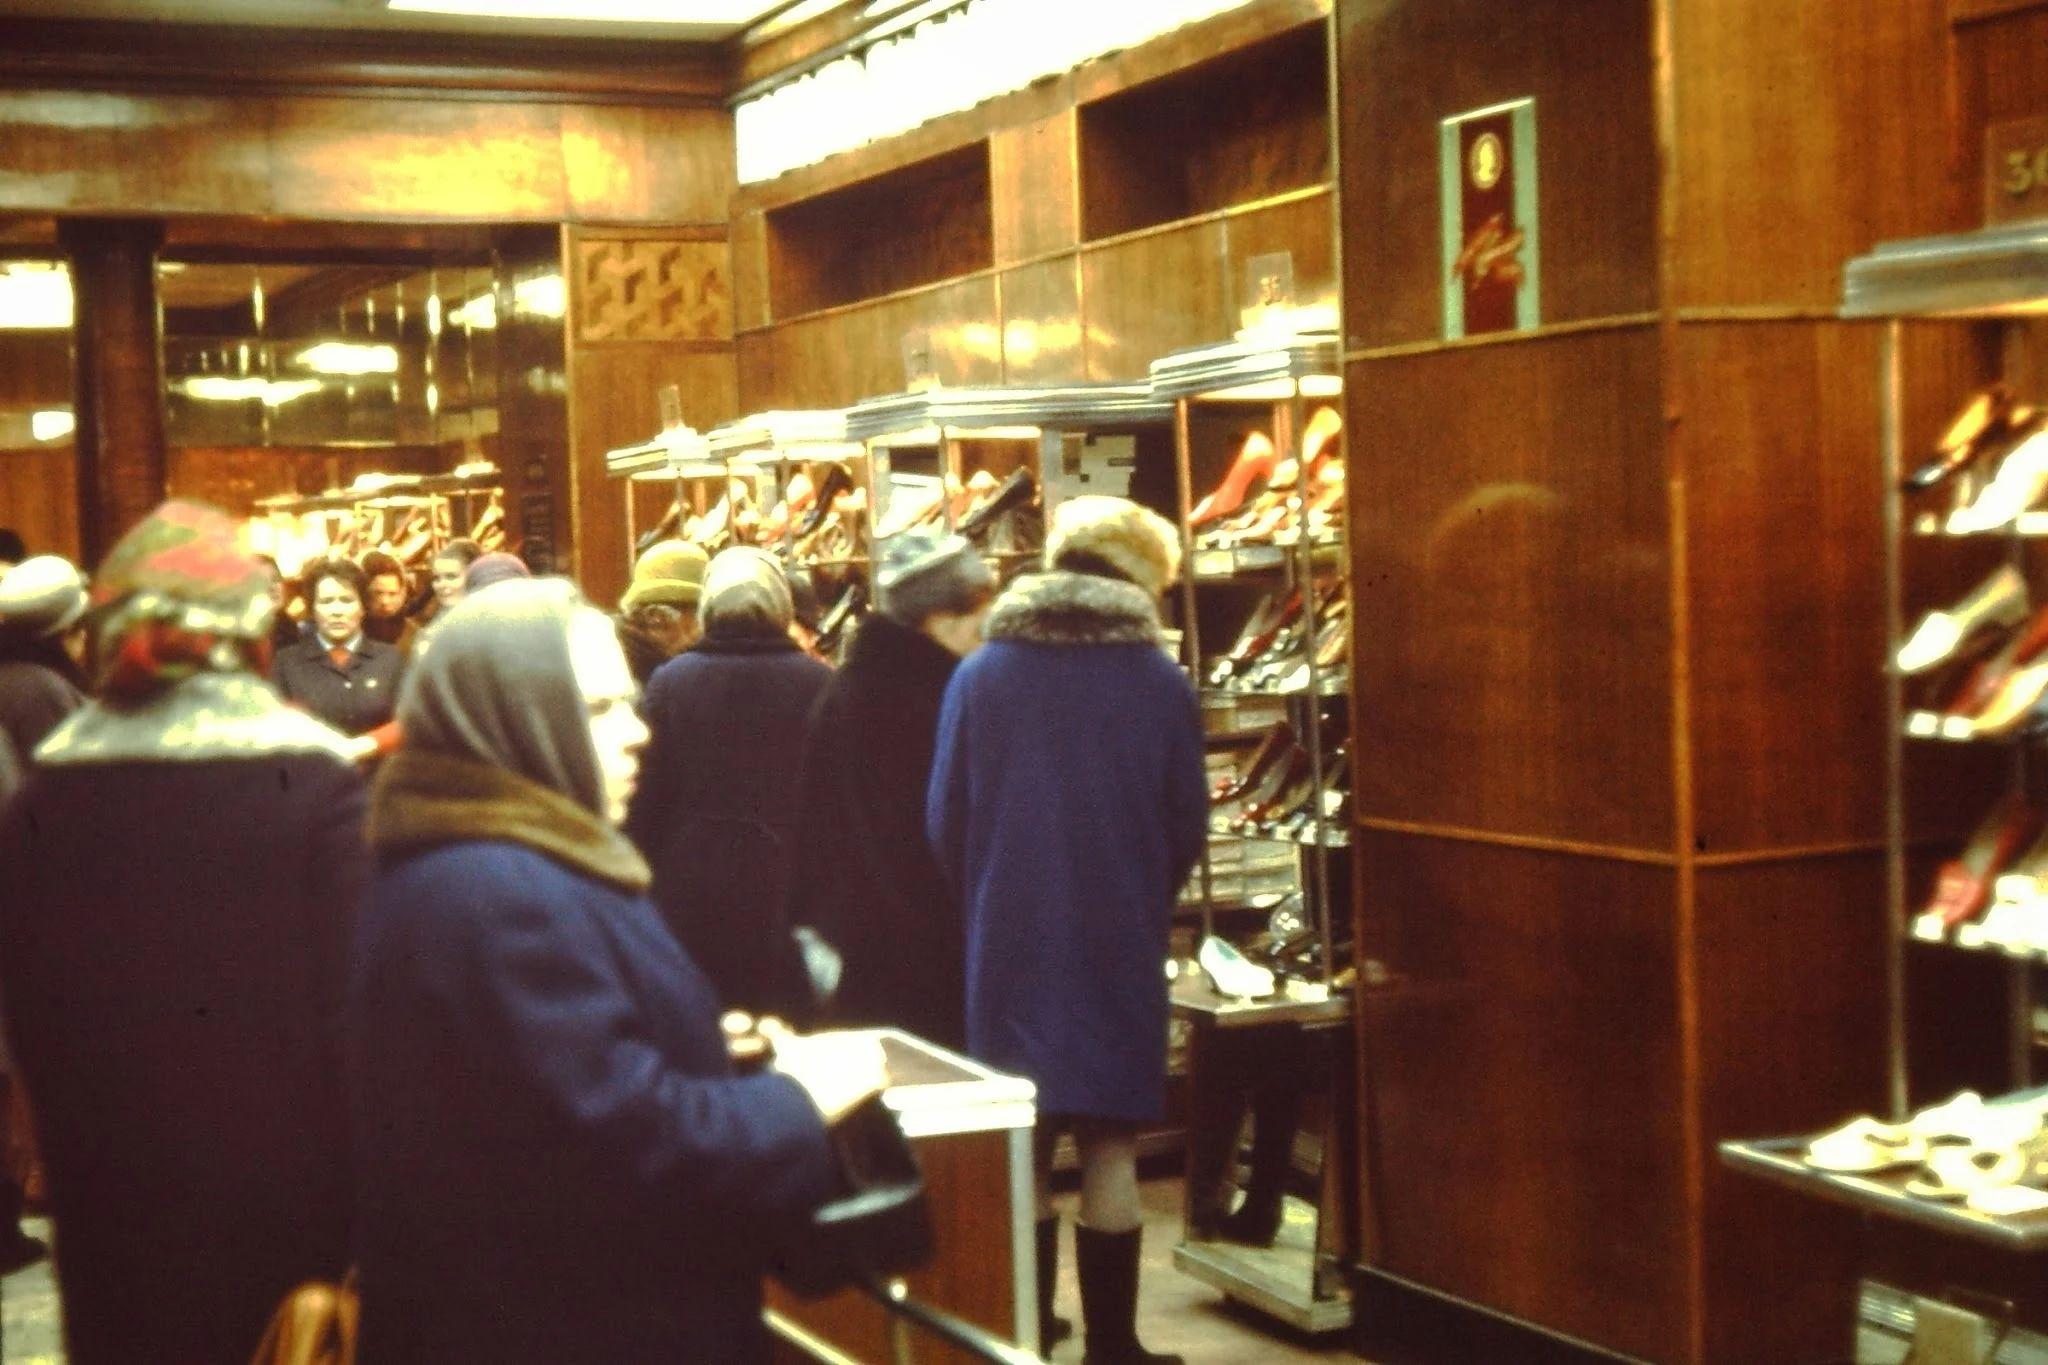 Лишь ограниченное количество людей может выбирать обувь. Остальные ждут за загородкой. Злобный босс собирается запретить мне фотографировать